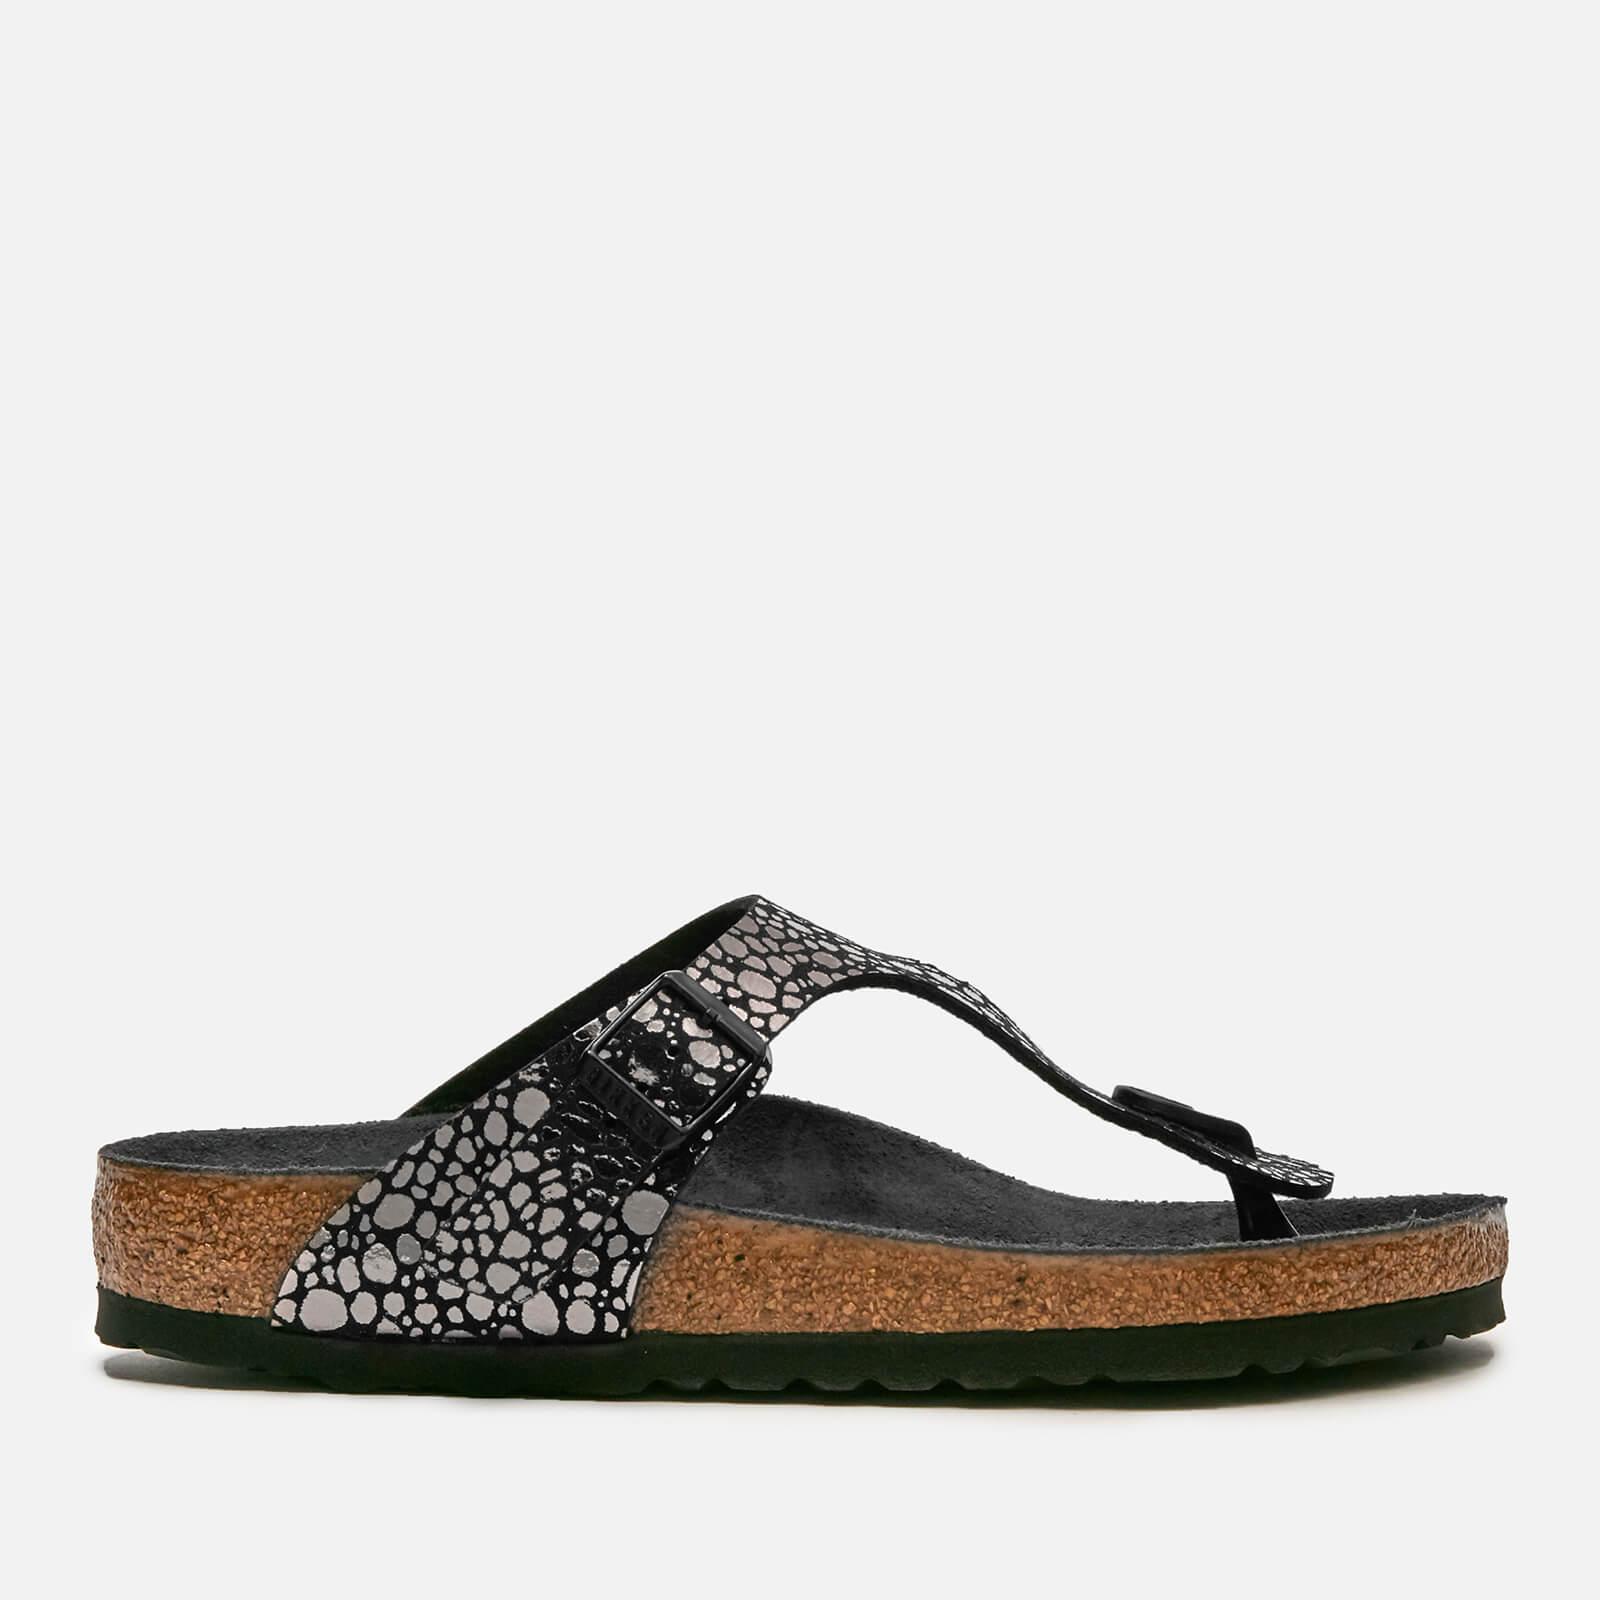 Birkenstock Women's Gizeh Toe-Post Leather Sandals - Metallic Stones Black - UK 7.5 - Black